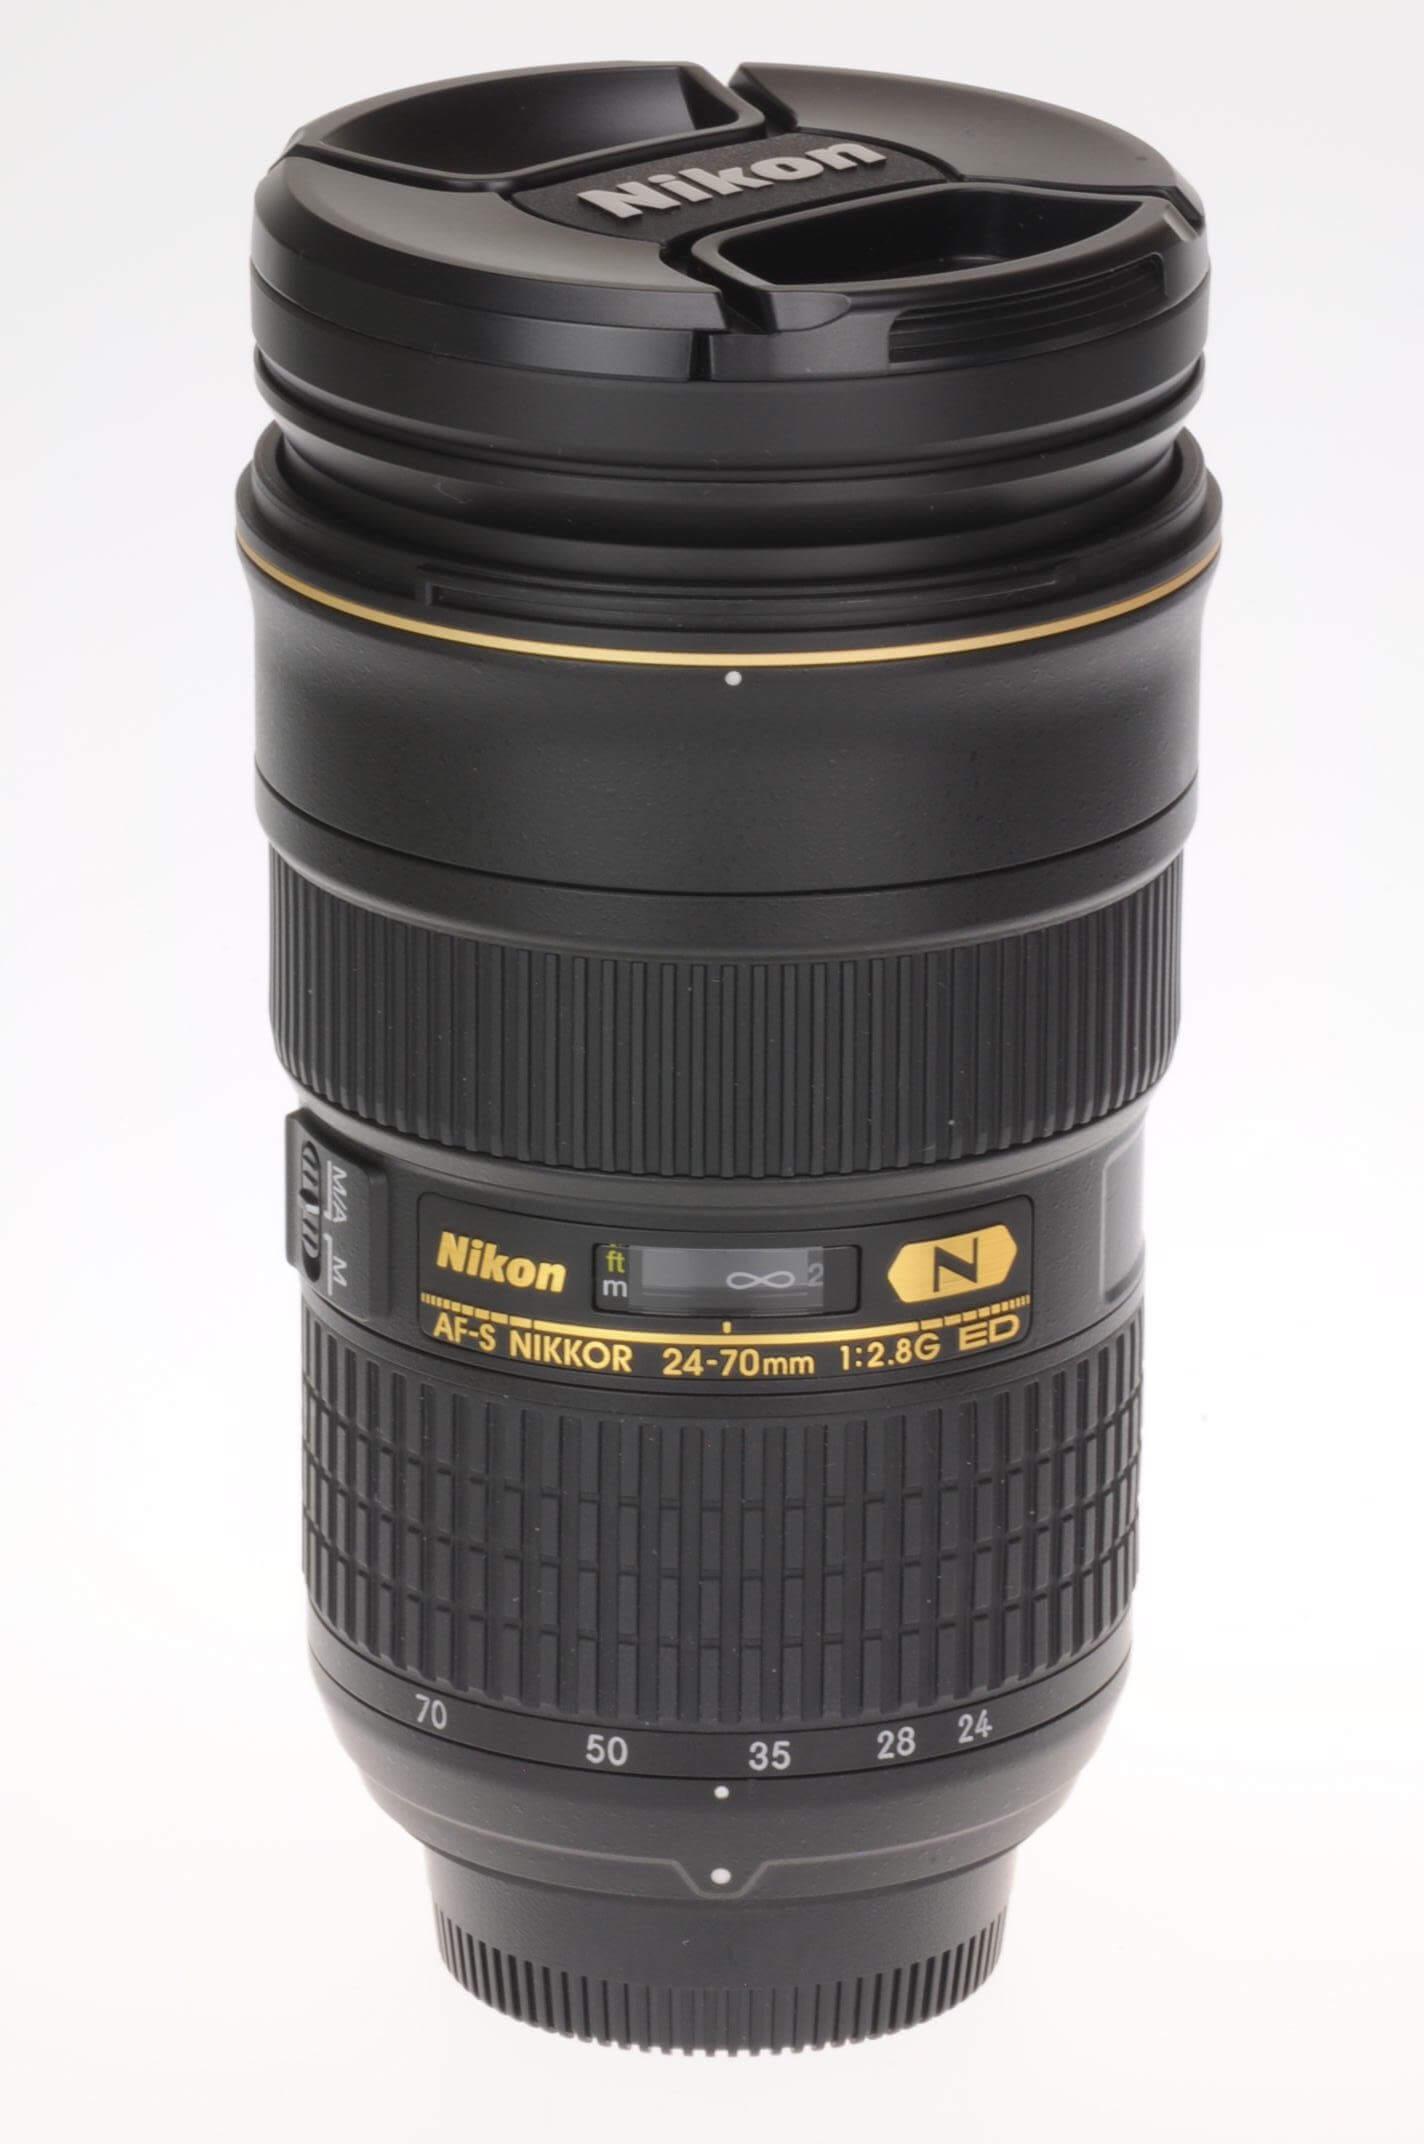 Nikon 24-70mm f2.8 AF-S G lens, 100% mint!